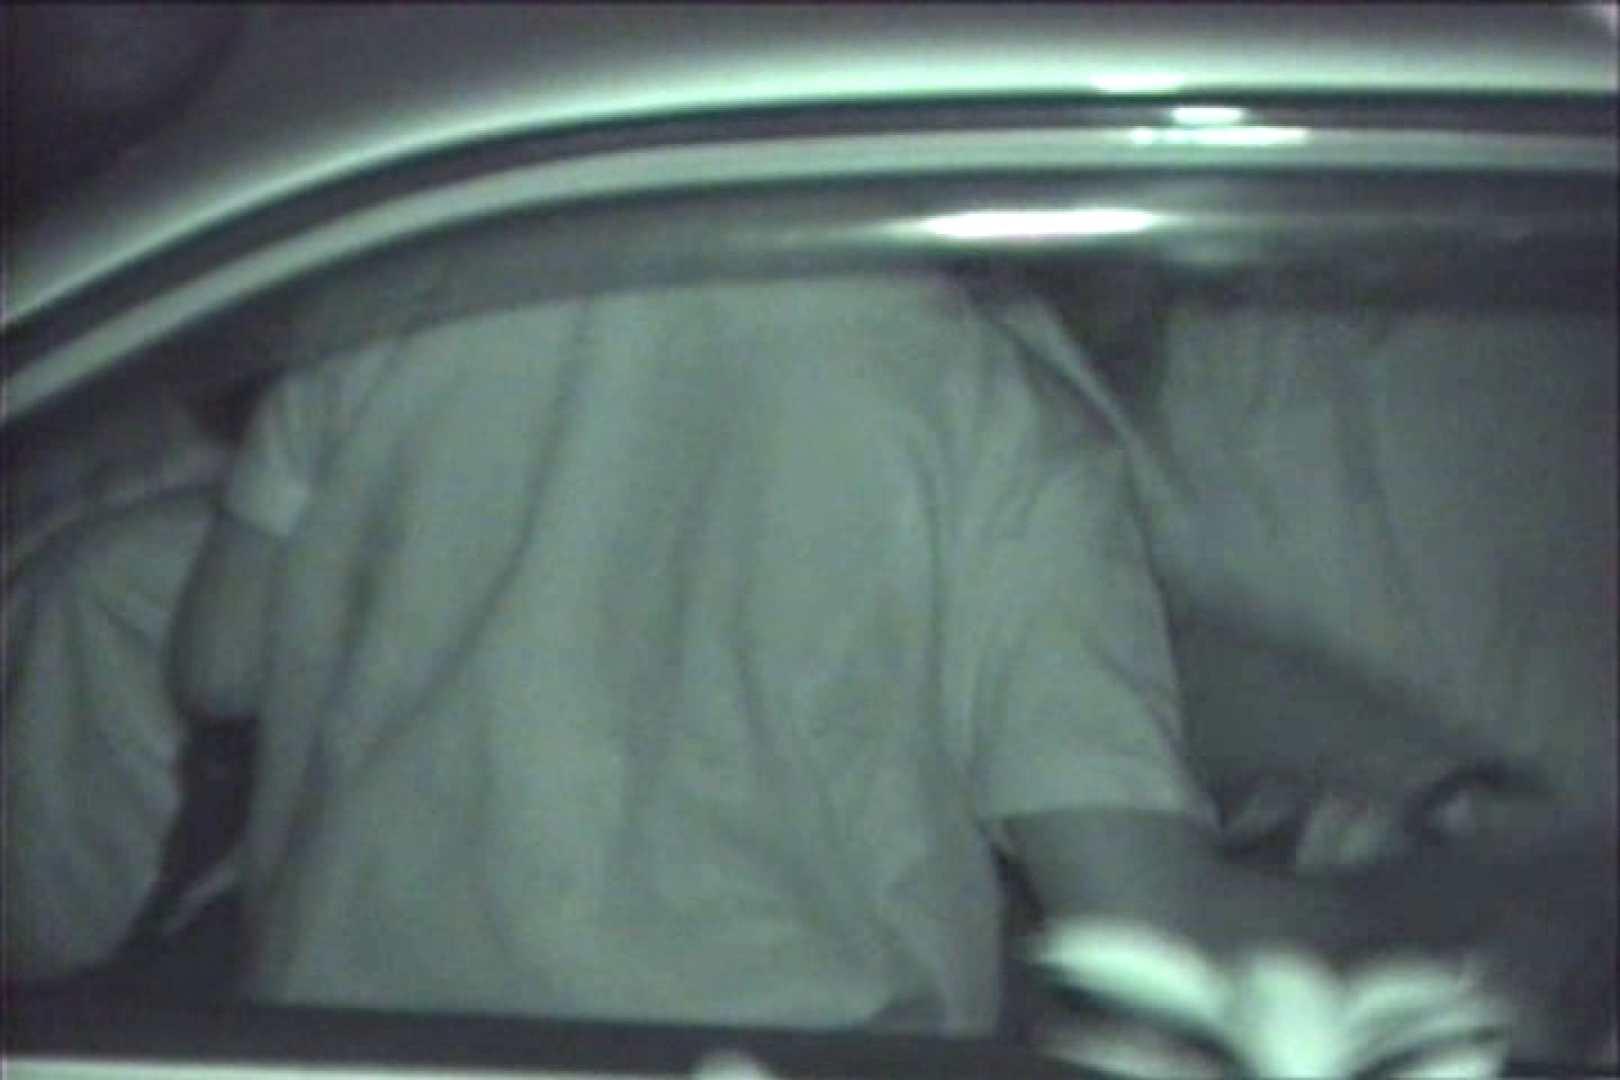 車の中はラブホテル 無修正版  Vol.18 喘ぎ 戯れ無修正画像 100pic 6